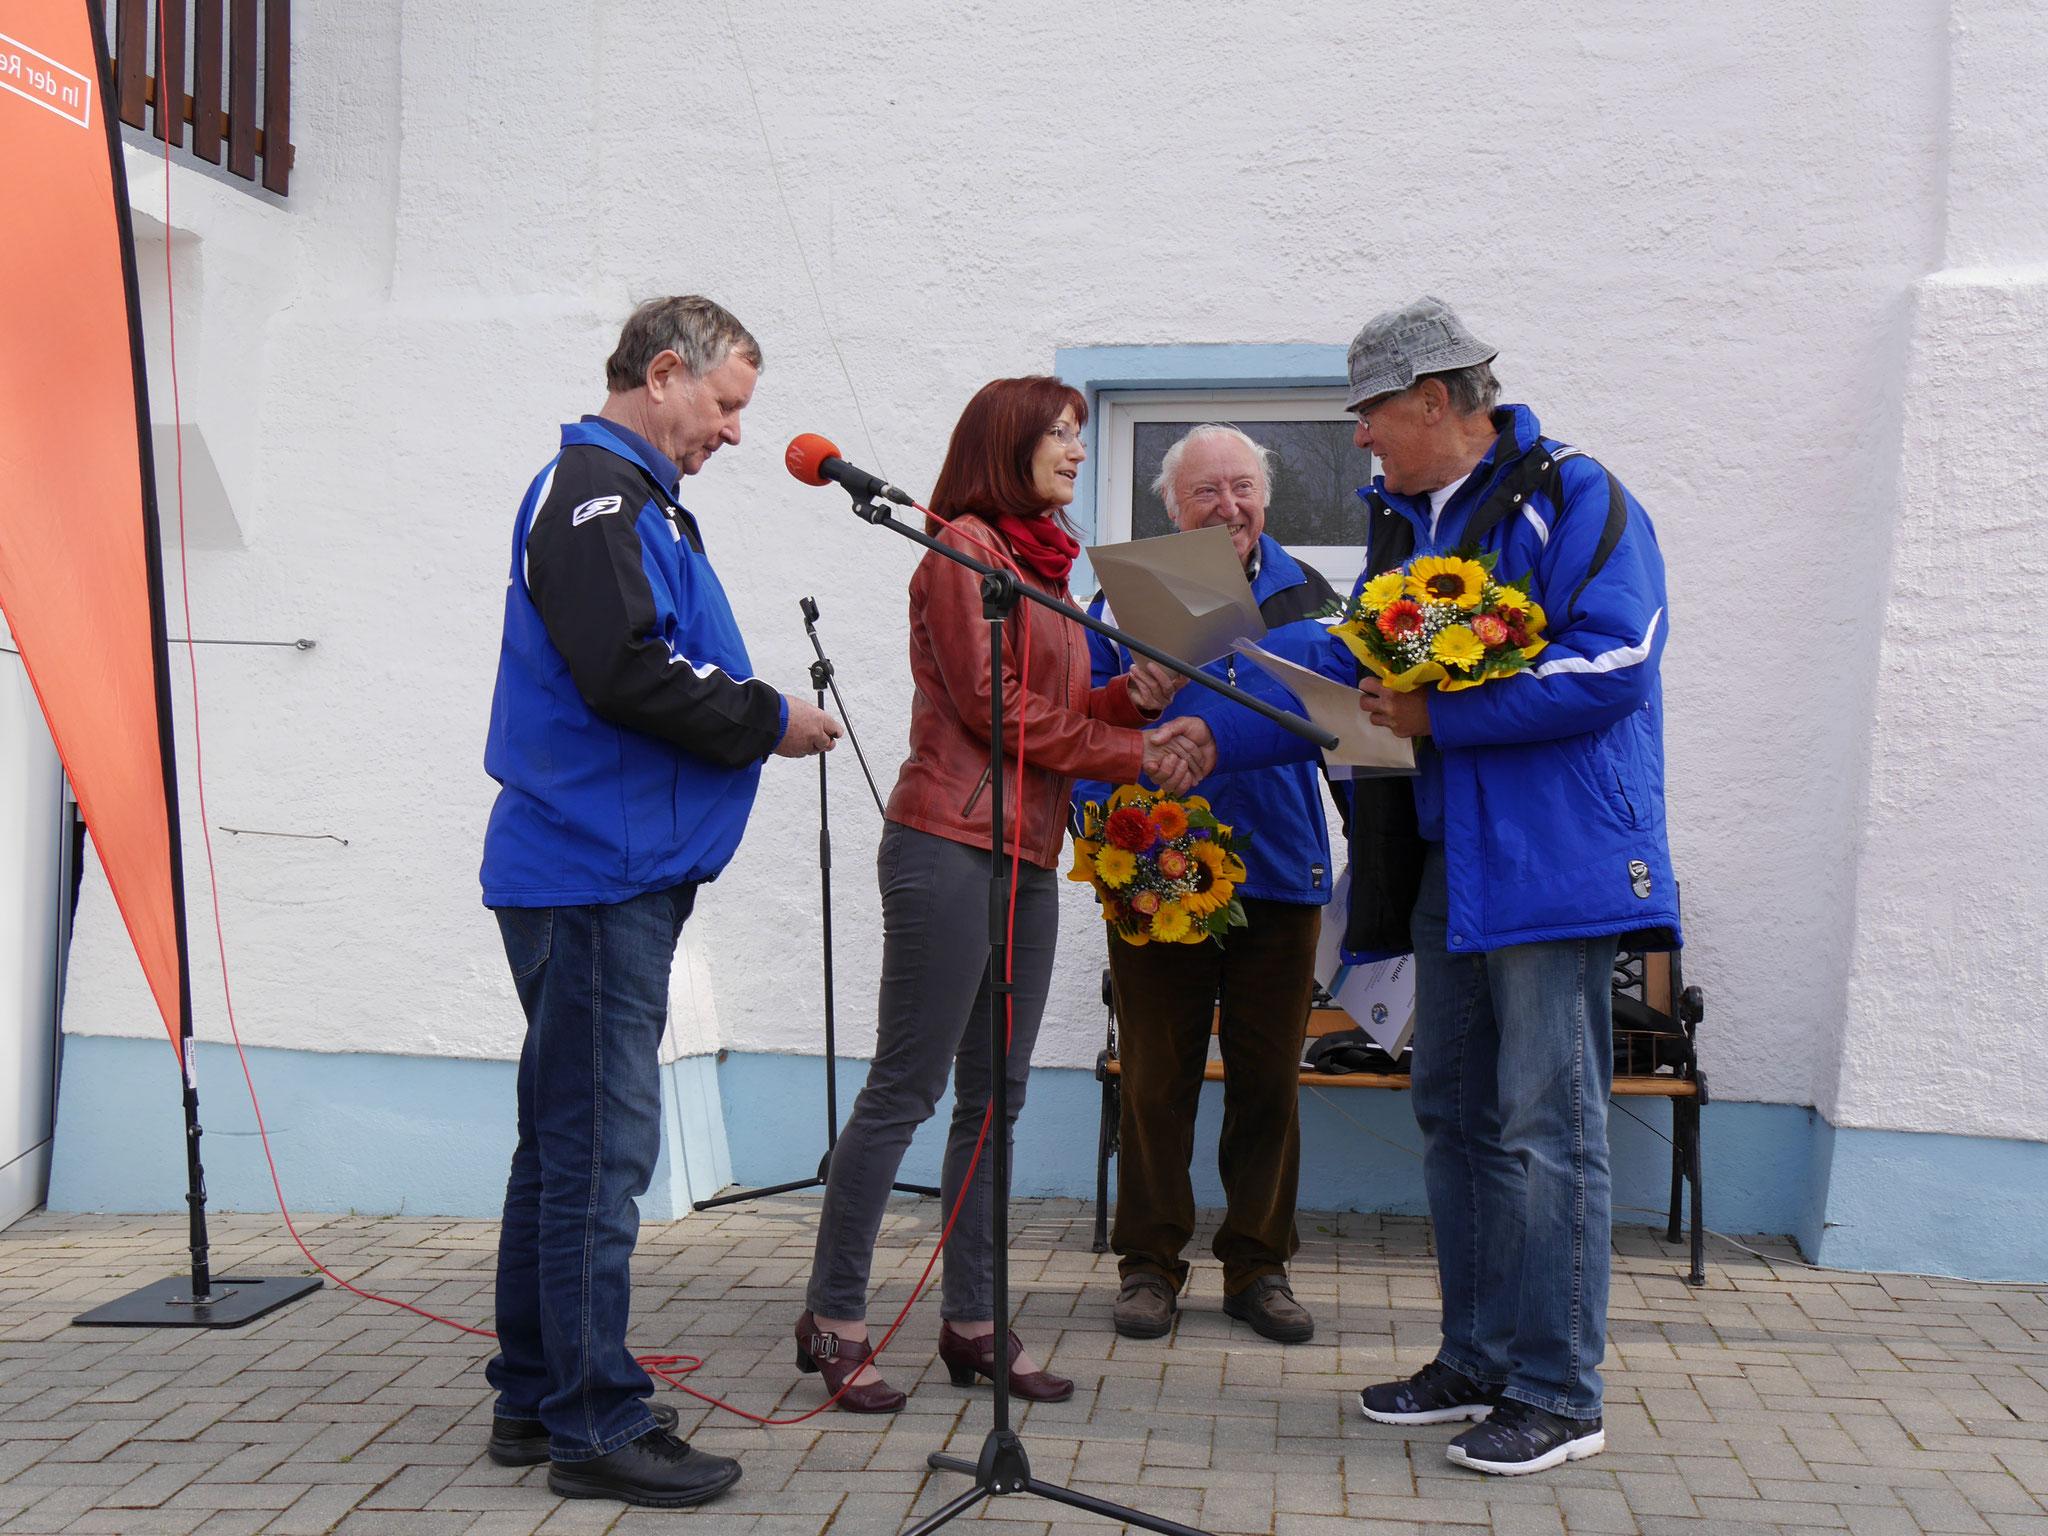 Doch damit nicht genug! Heinz Löbel erhielt die zweite Ehrung am heutigen Tag. Auch ihm wurde die Ehrenurkunde und Ehrennadel des Deutschen Ruderverbandes für die 50 jährige Mitgliedschaft durch Frau Andrea Stapel überreicht.